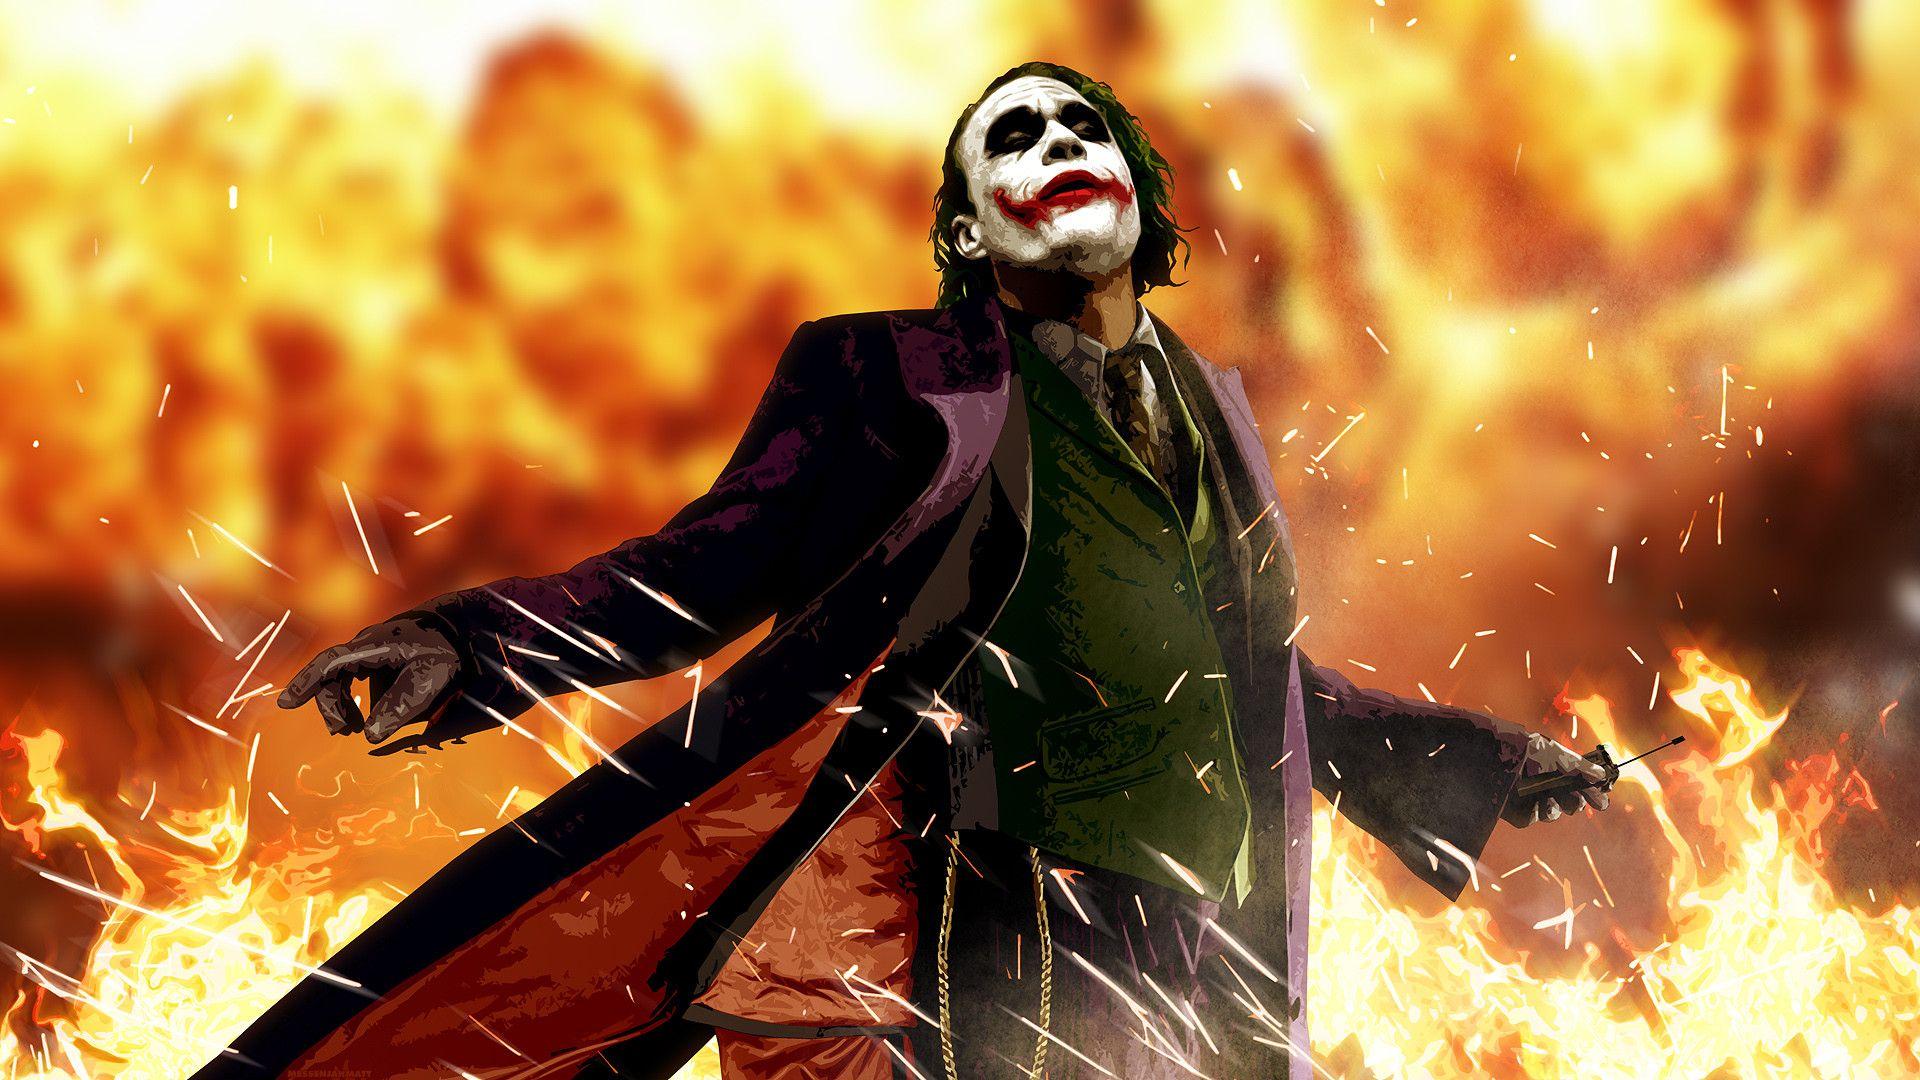 Joker Hd Wallpapers 7 Joker Hd Wallpapers